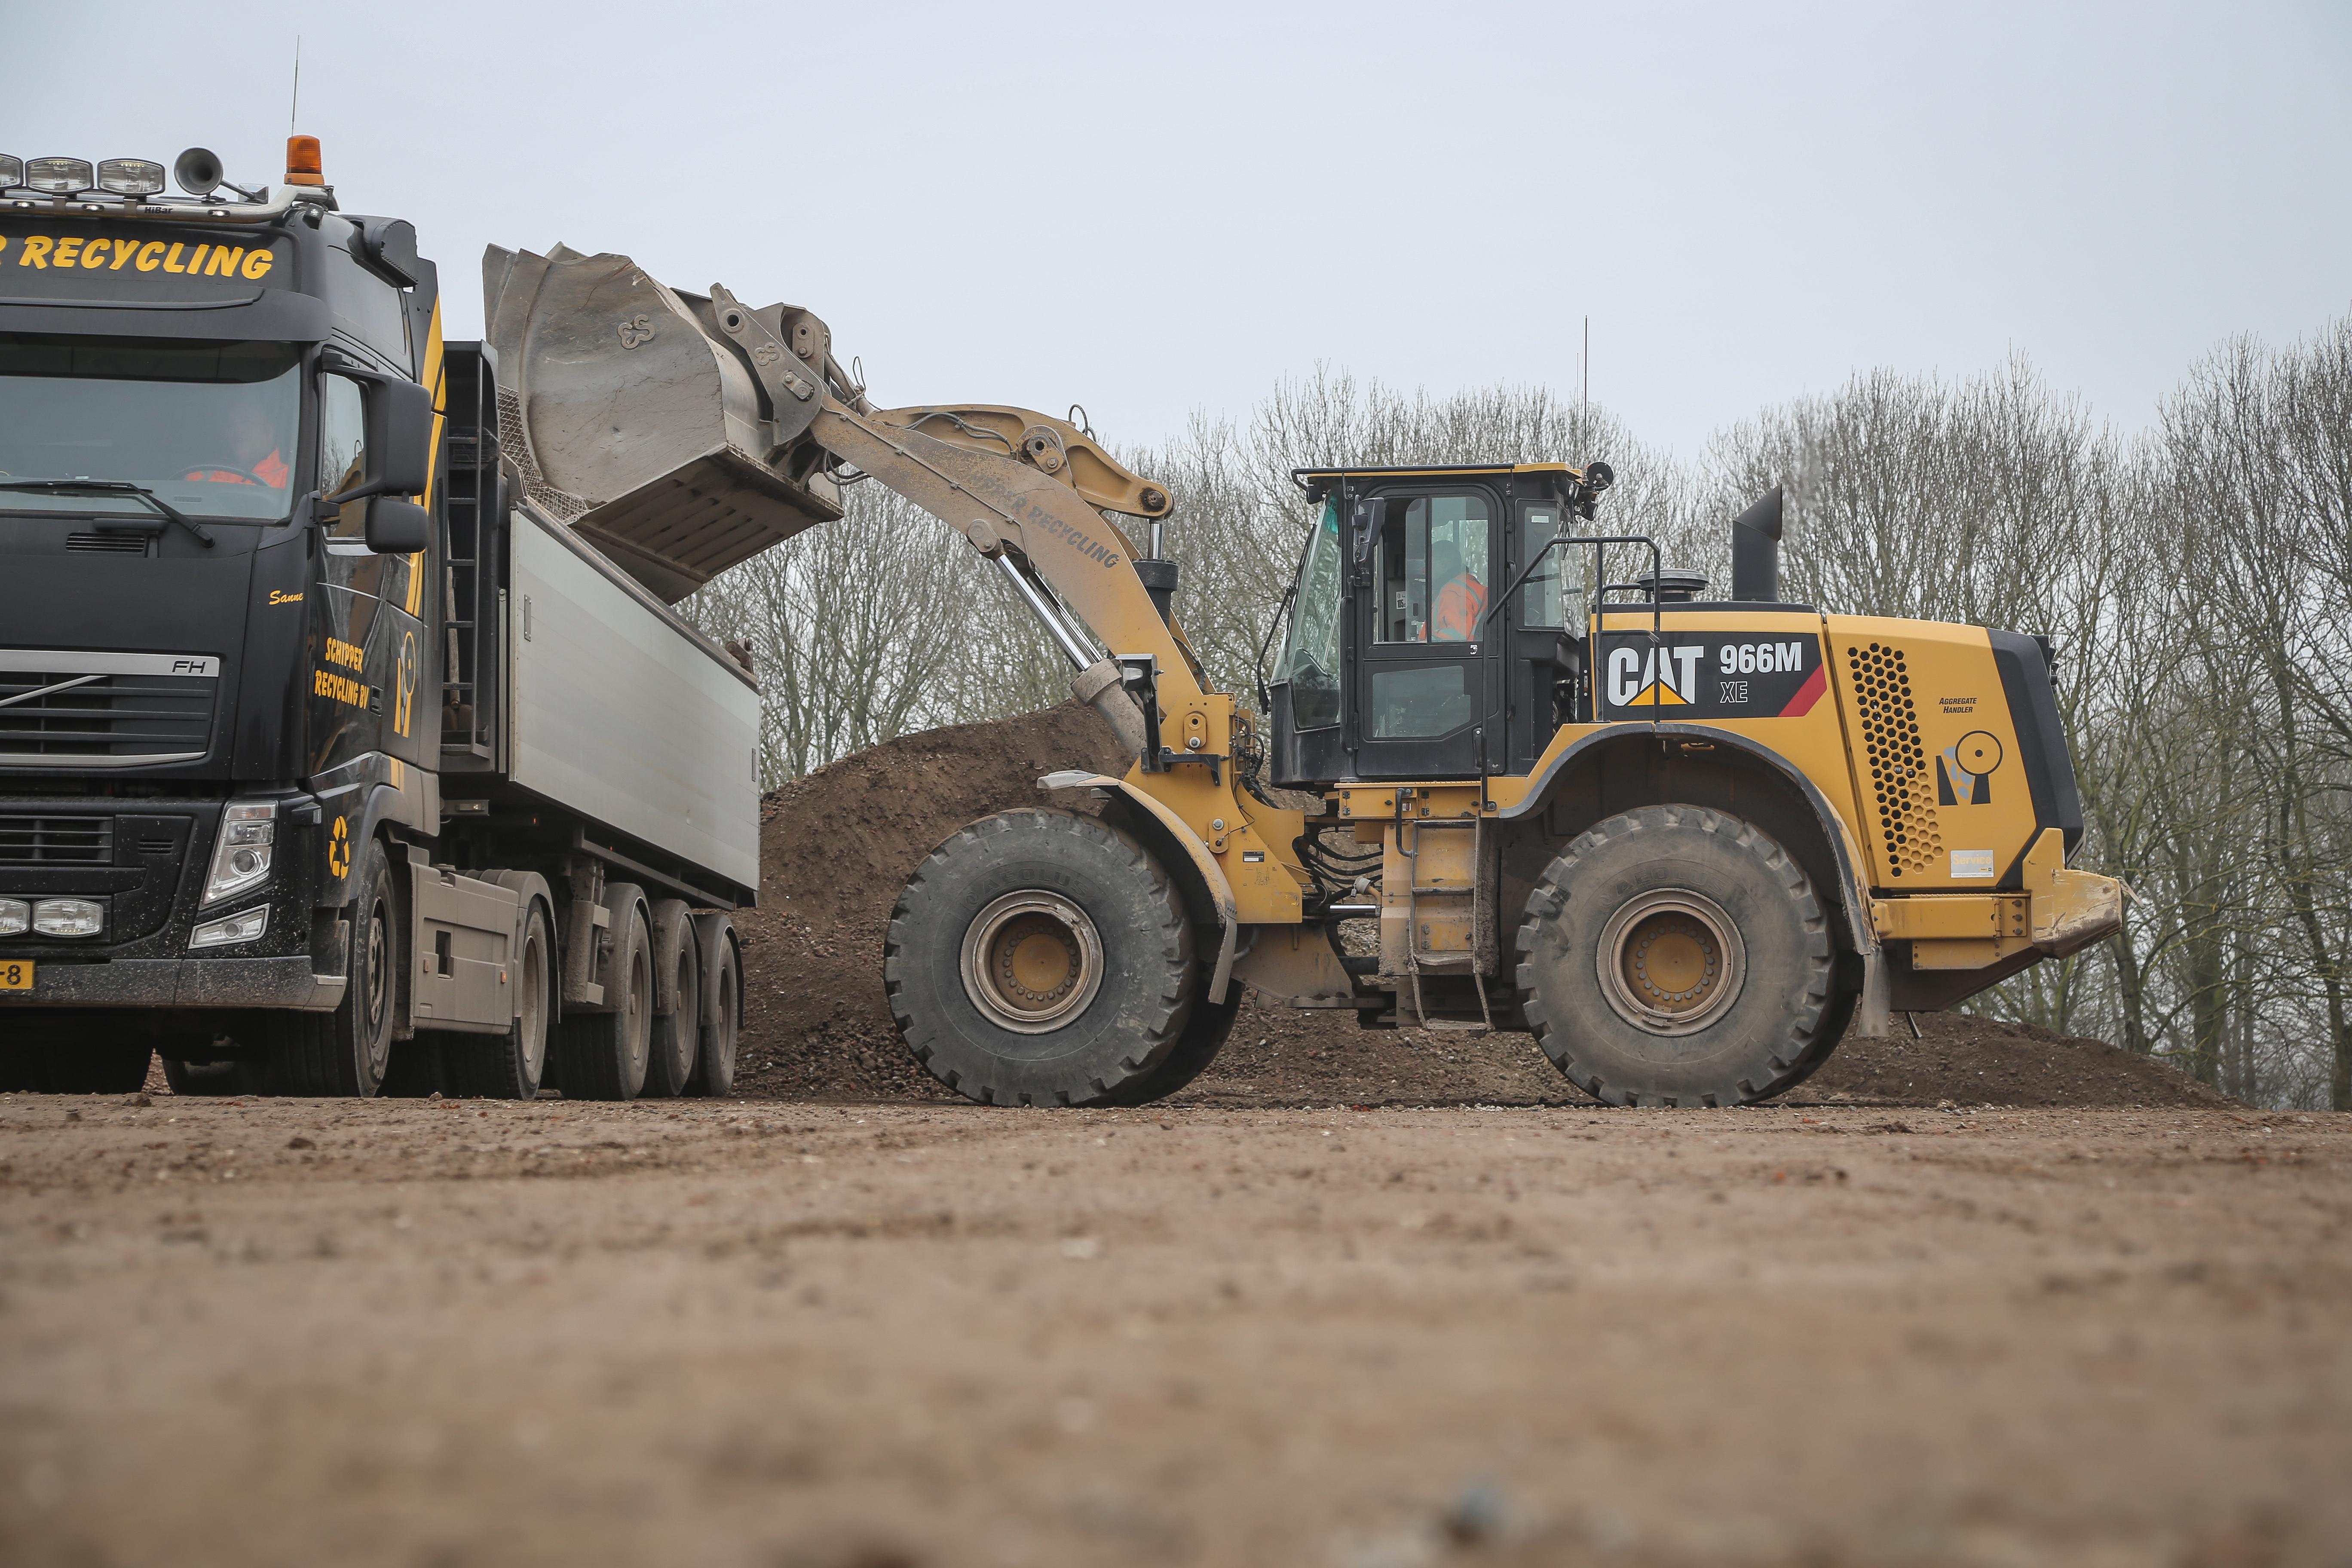 <p>Het verbruik zit bij Schipper Recycling gemiddeld op 15 liter per uur. In de netto werkuren op 18,1 liter per uur volgens de boordcomputer. De wiellader draait bij de eigen puinbreker en zet zo&#8217;n 2000 ton granulaat in depot waarbij men regelmatig ook moet klimmen. Tussentijds rijdt de wiellader zo&#8217;n 500 à 600 ton puin bij.</p>